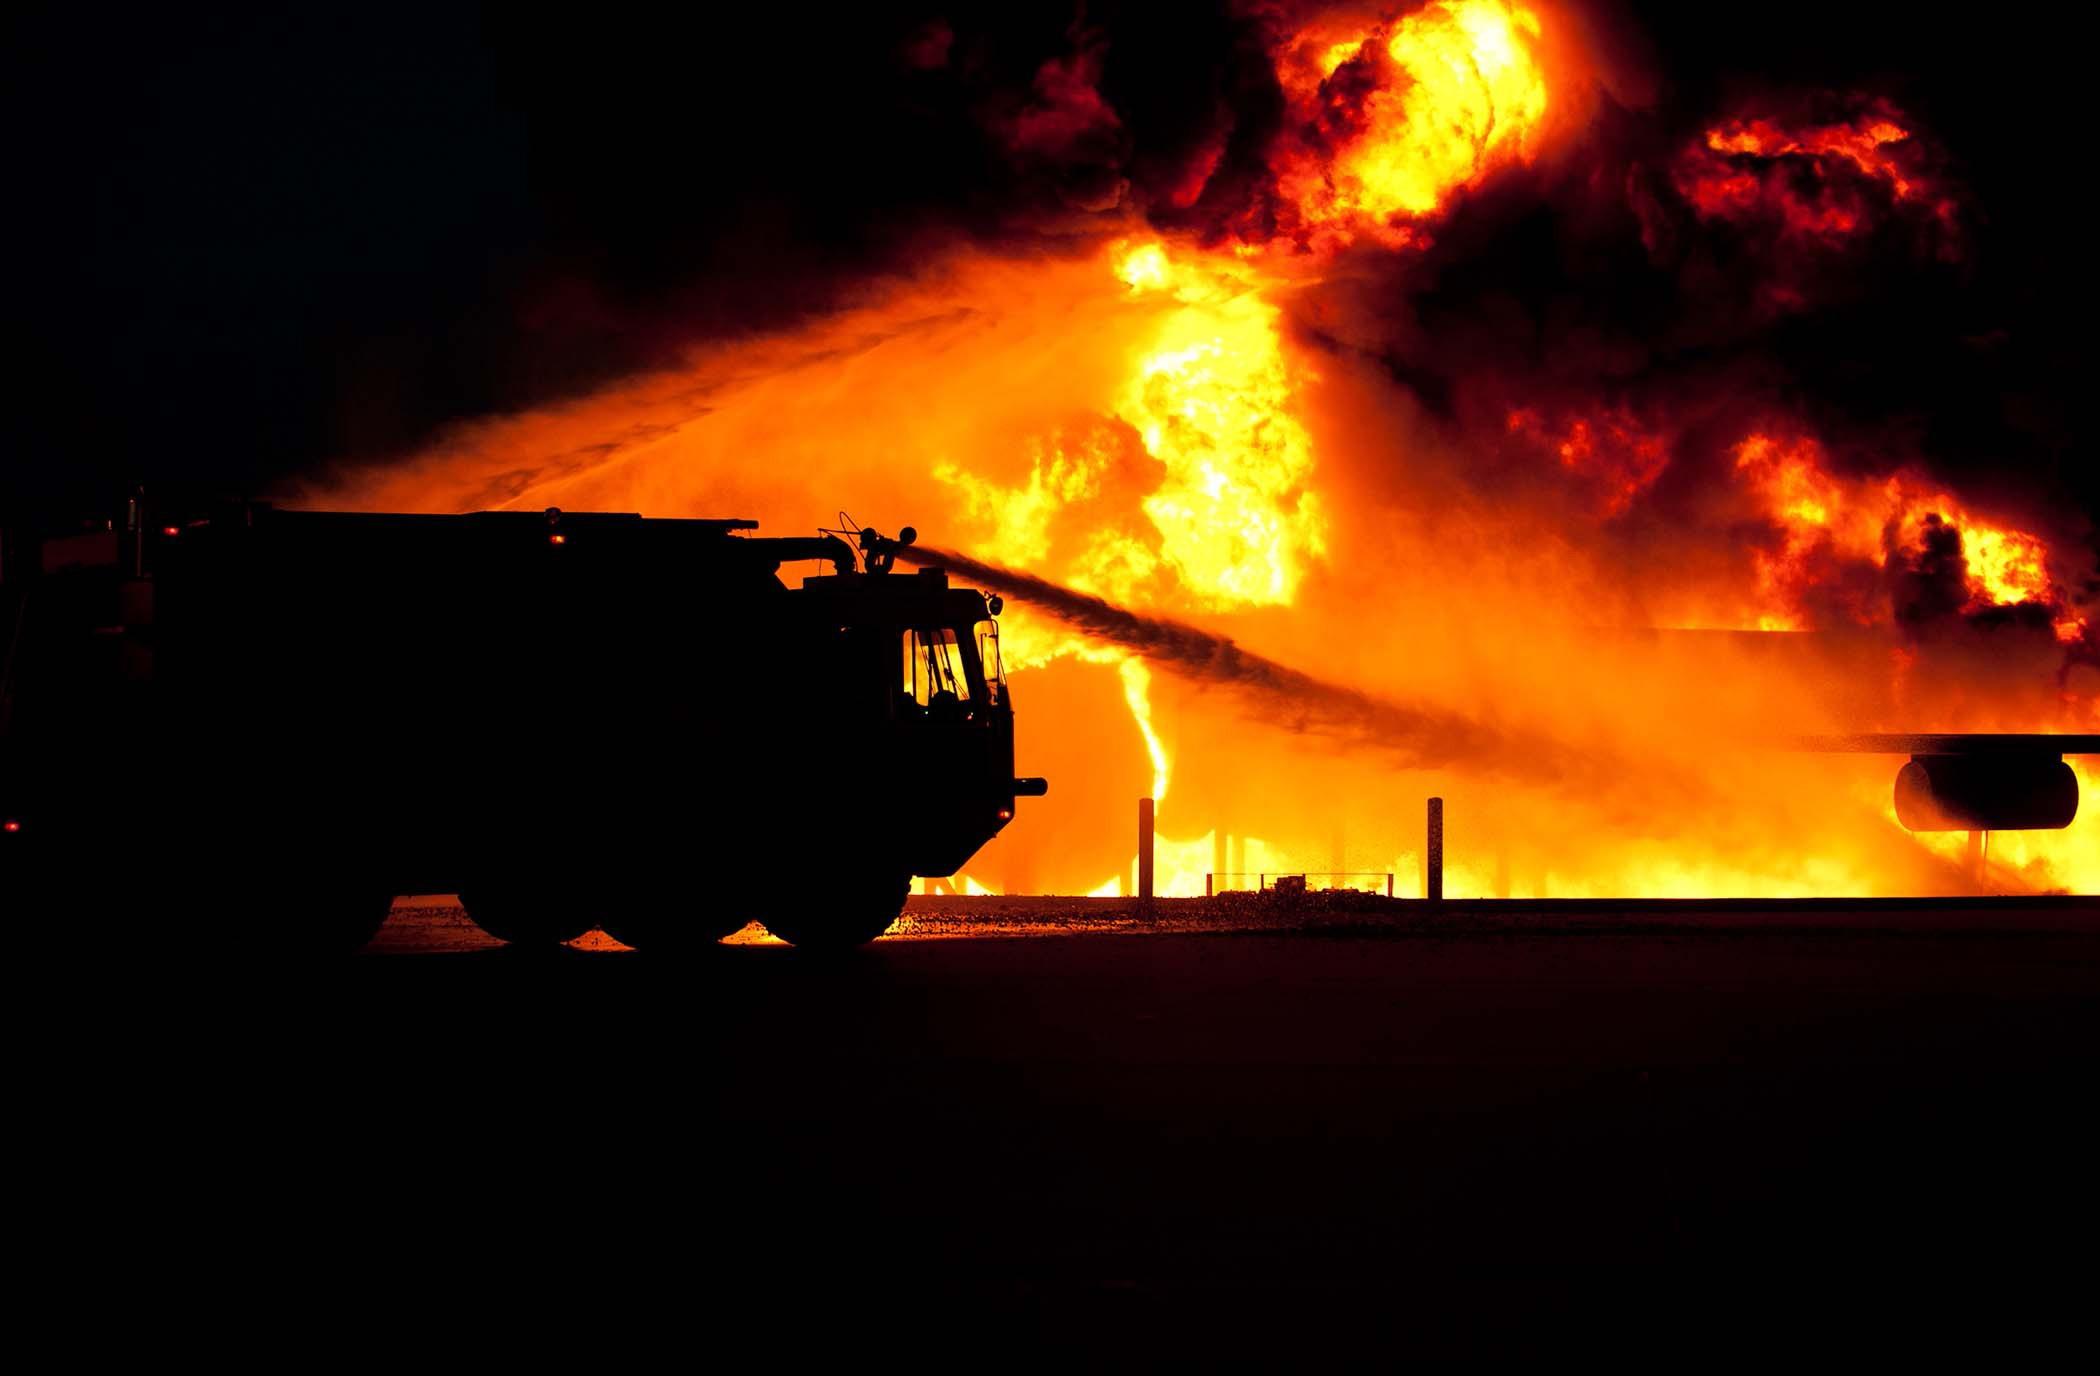 fire-165575.jpg